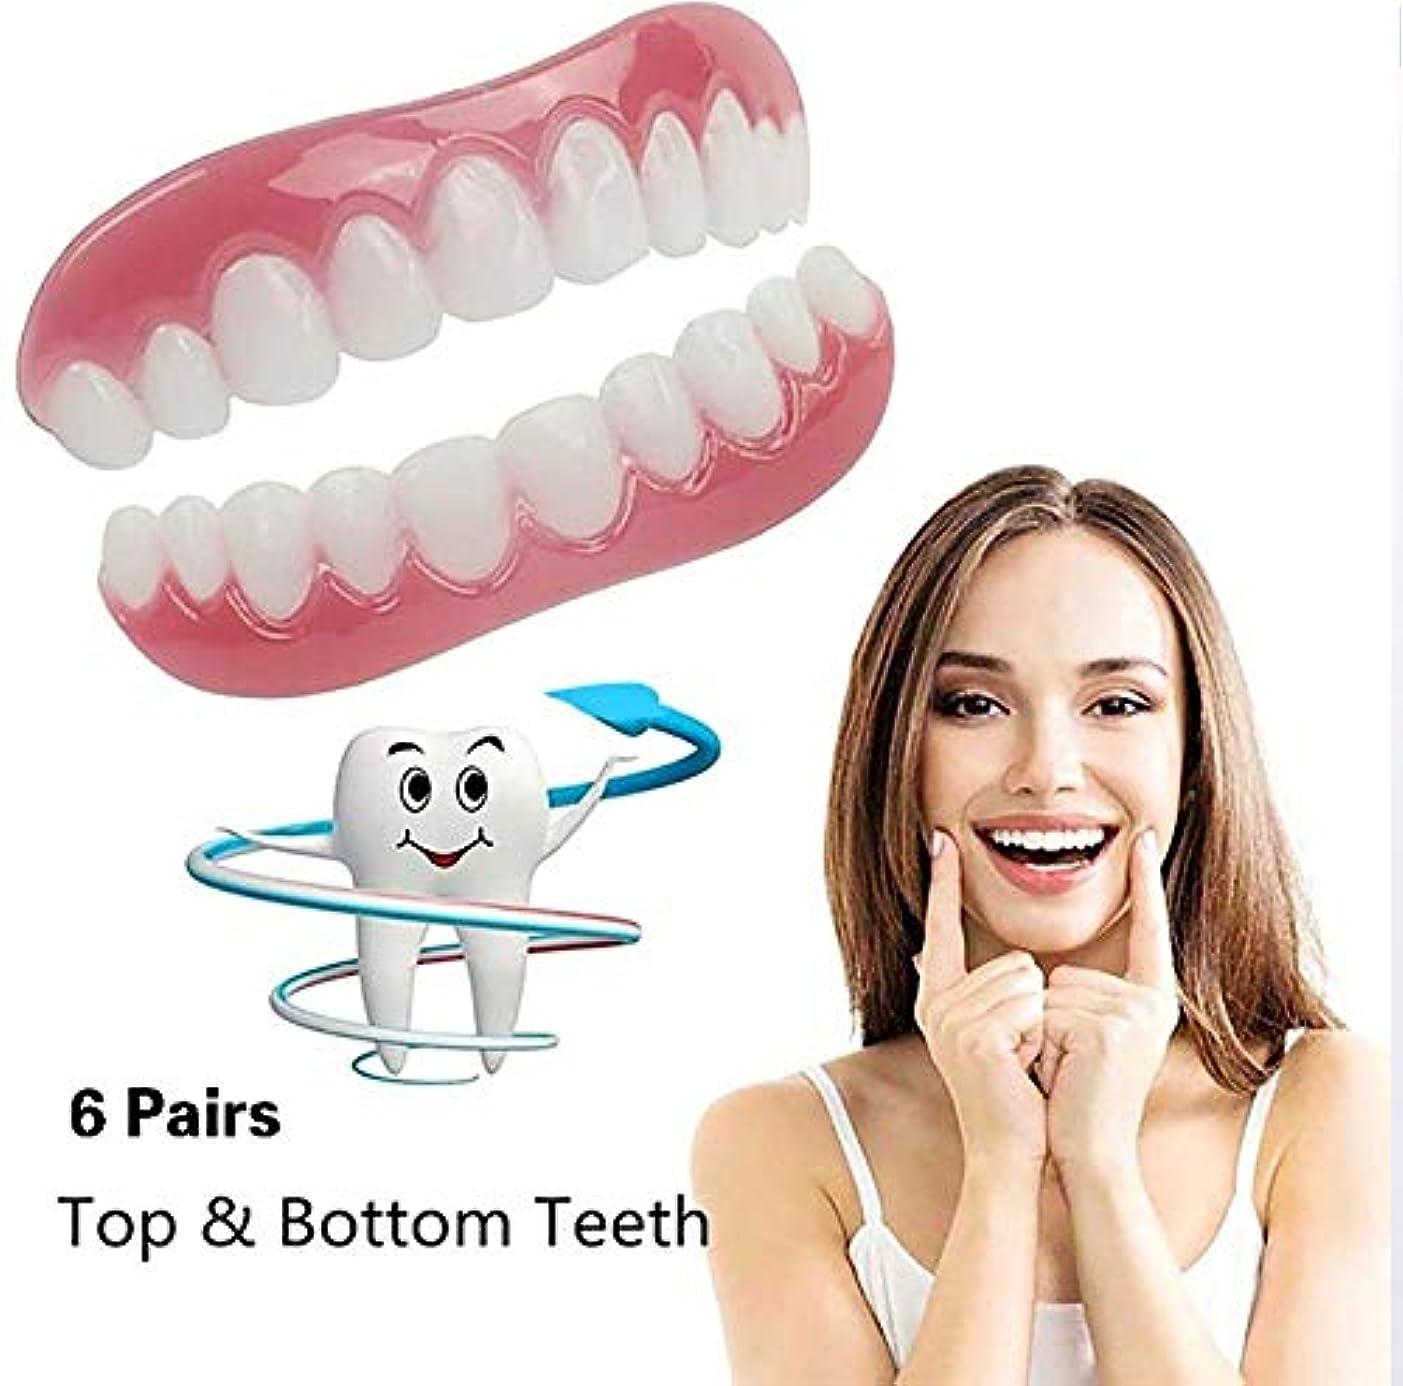 プーノ内部指標6ペアシリコーン歯突き板ホワイトニングスナップパーフェクト笑顔スマイルティース偽歯カバーオンスマイルインスタントティース化粧品義歯ケア用アッパーワンサイズフィット